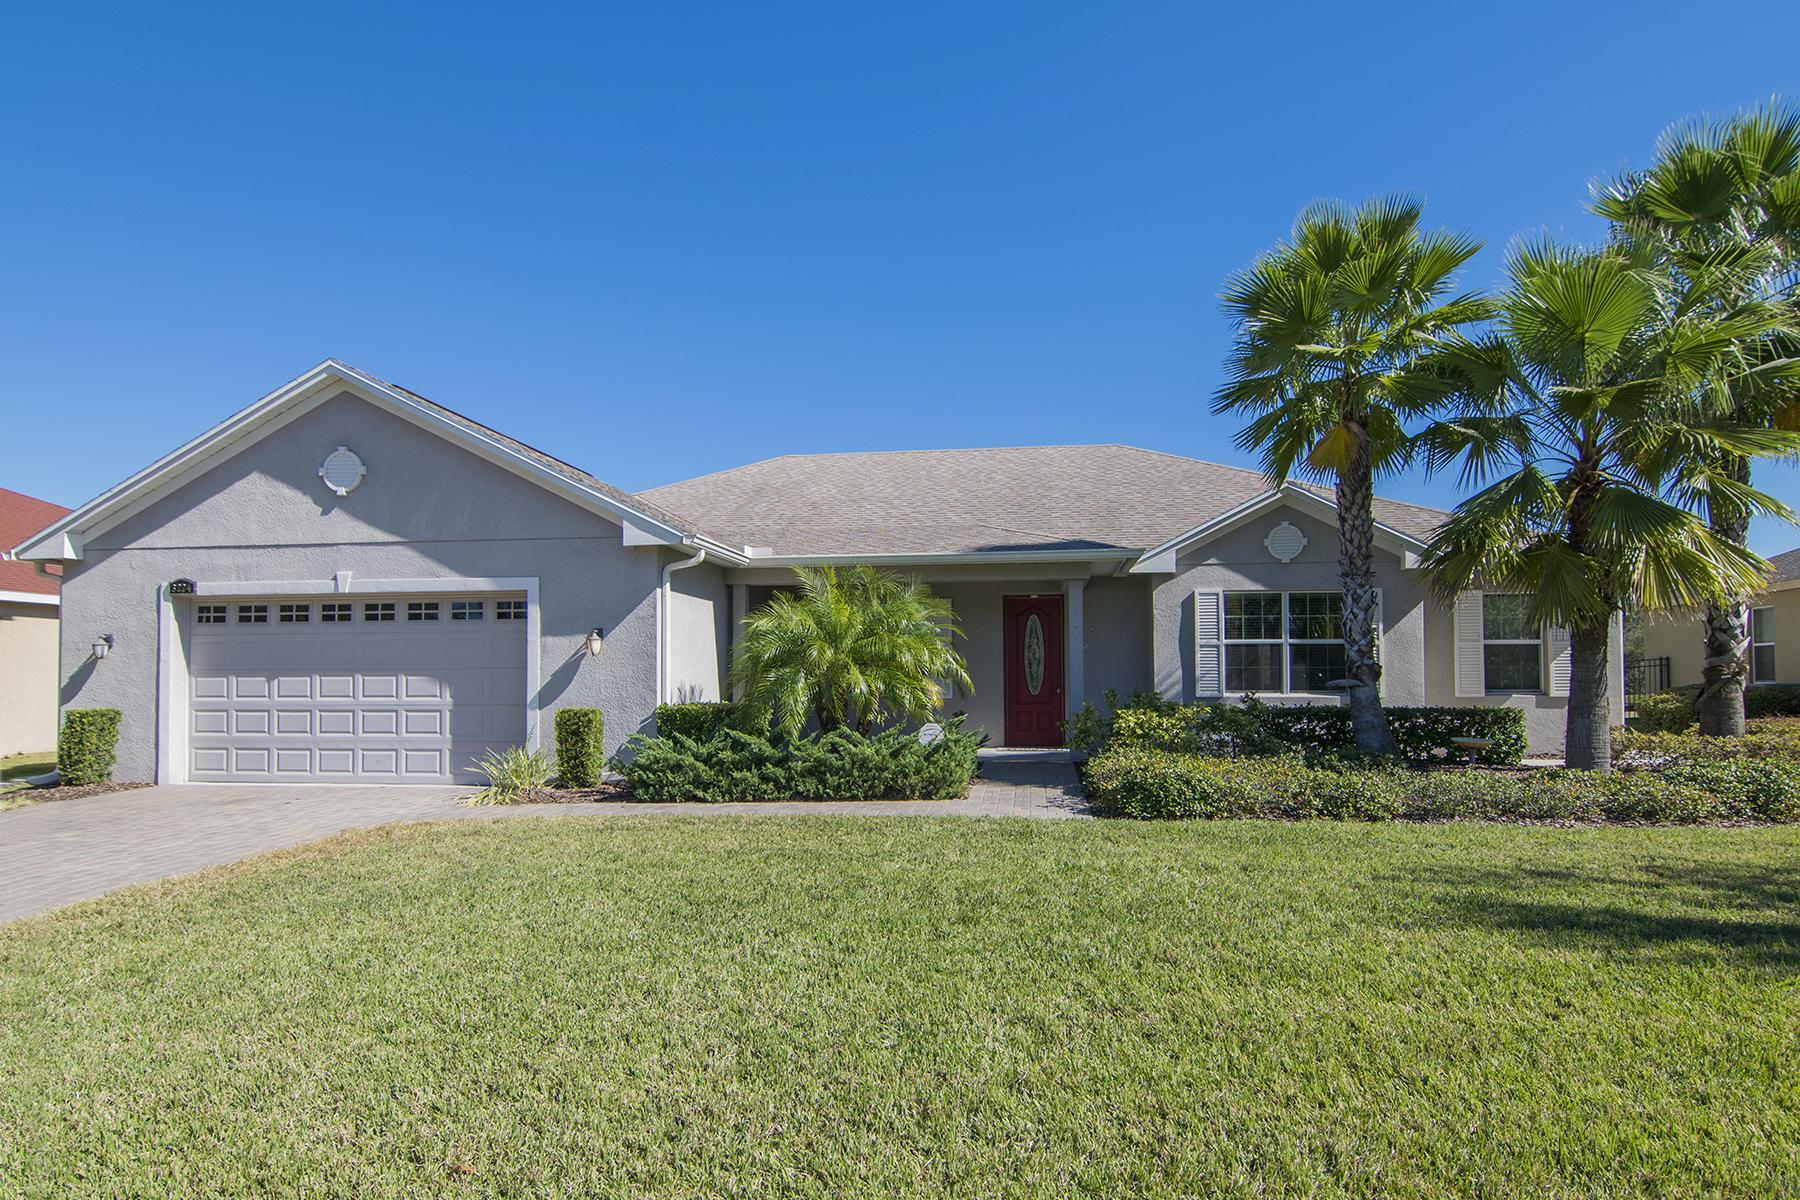 Maison unifamiliale pour l Vente à LUTZ 3224 Mapleridge Dr Lutz, Florida, 33558 États-Unis